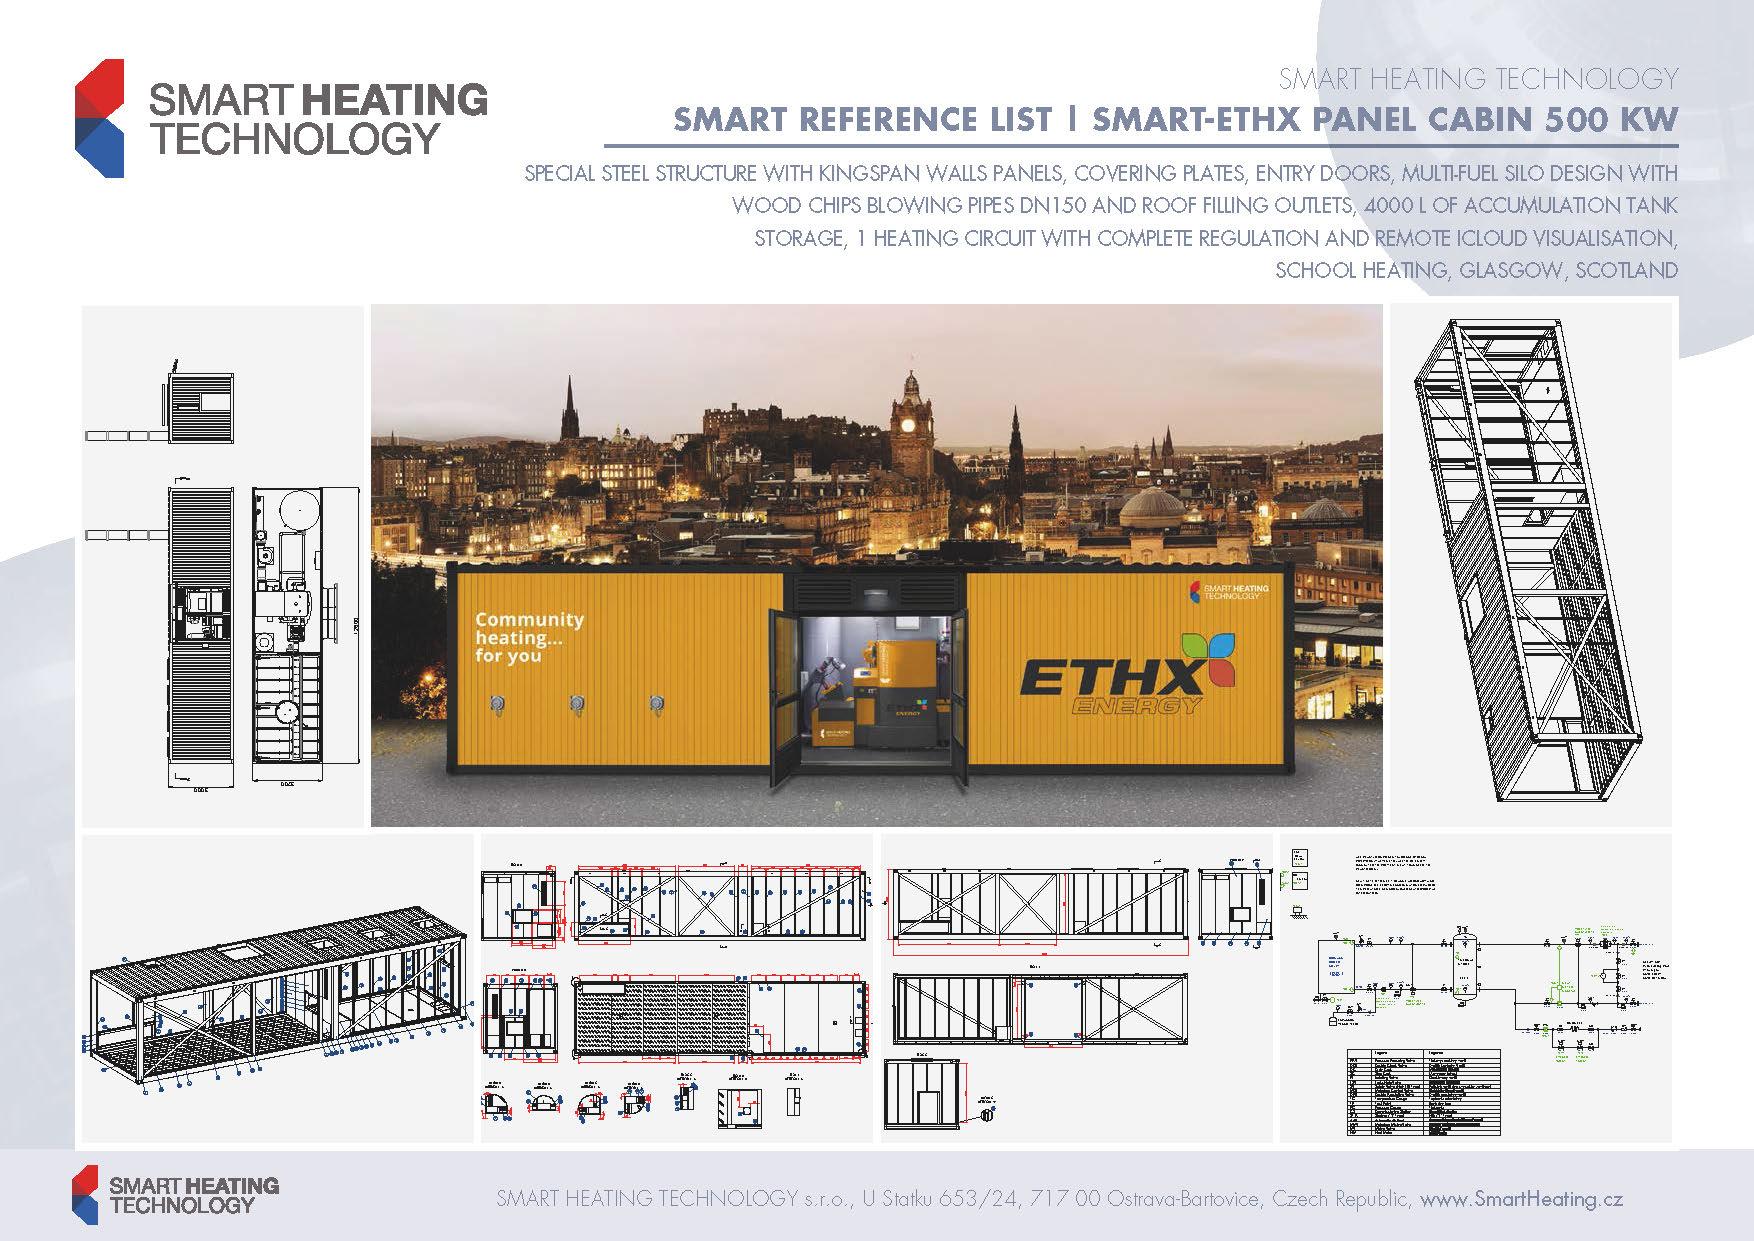 Smart_ETHX_Cabin_500_kW_St._Ninians_School